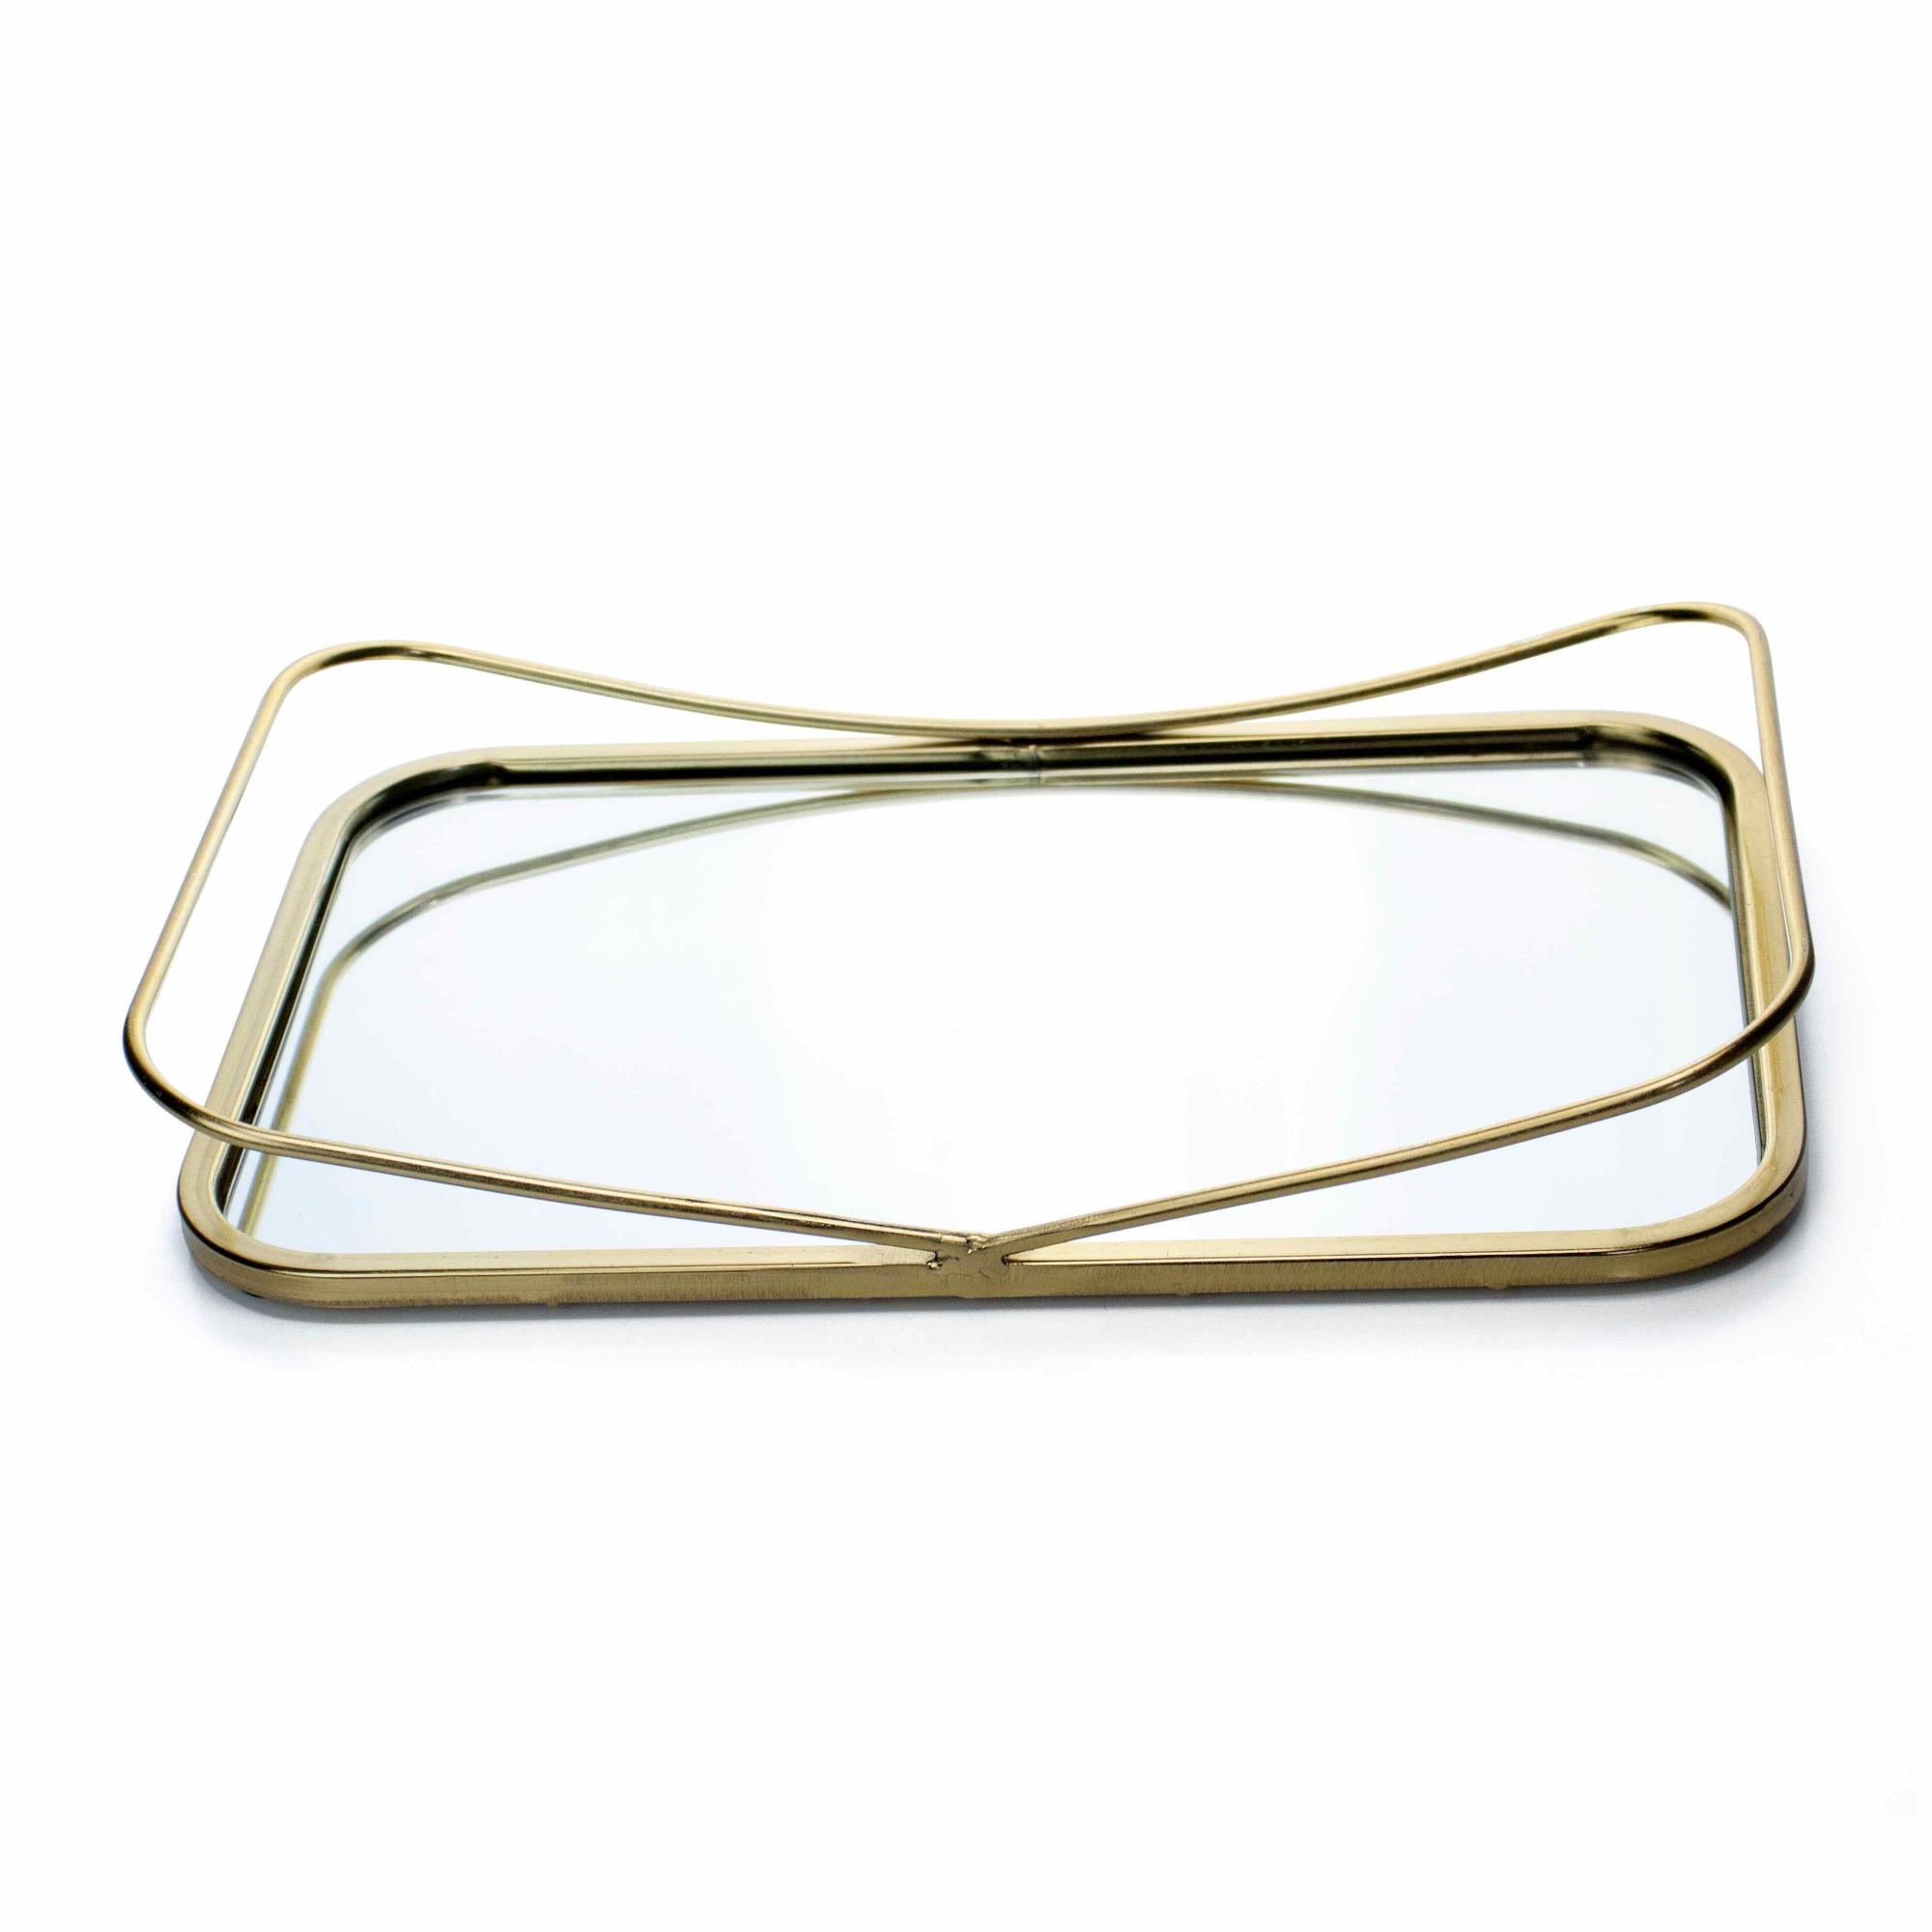 Bandeja Decorativa Retangular P em Metal Dourado com Espelho 5x33 cm - D'Rossi